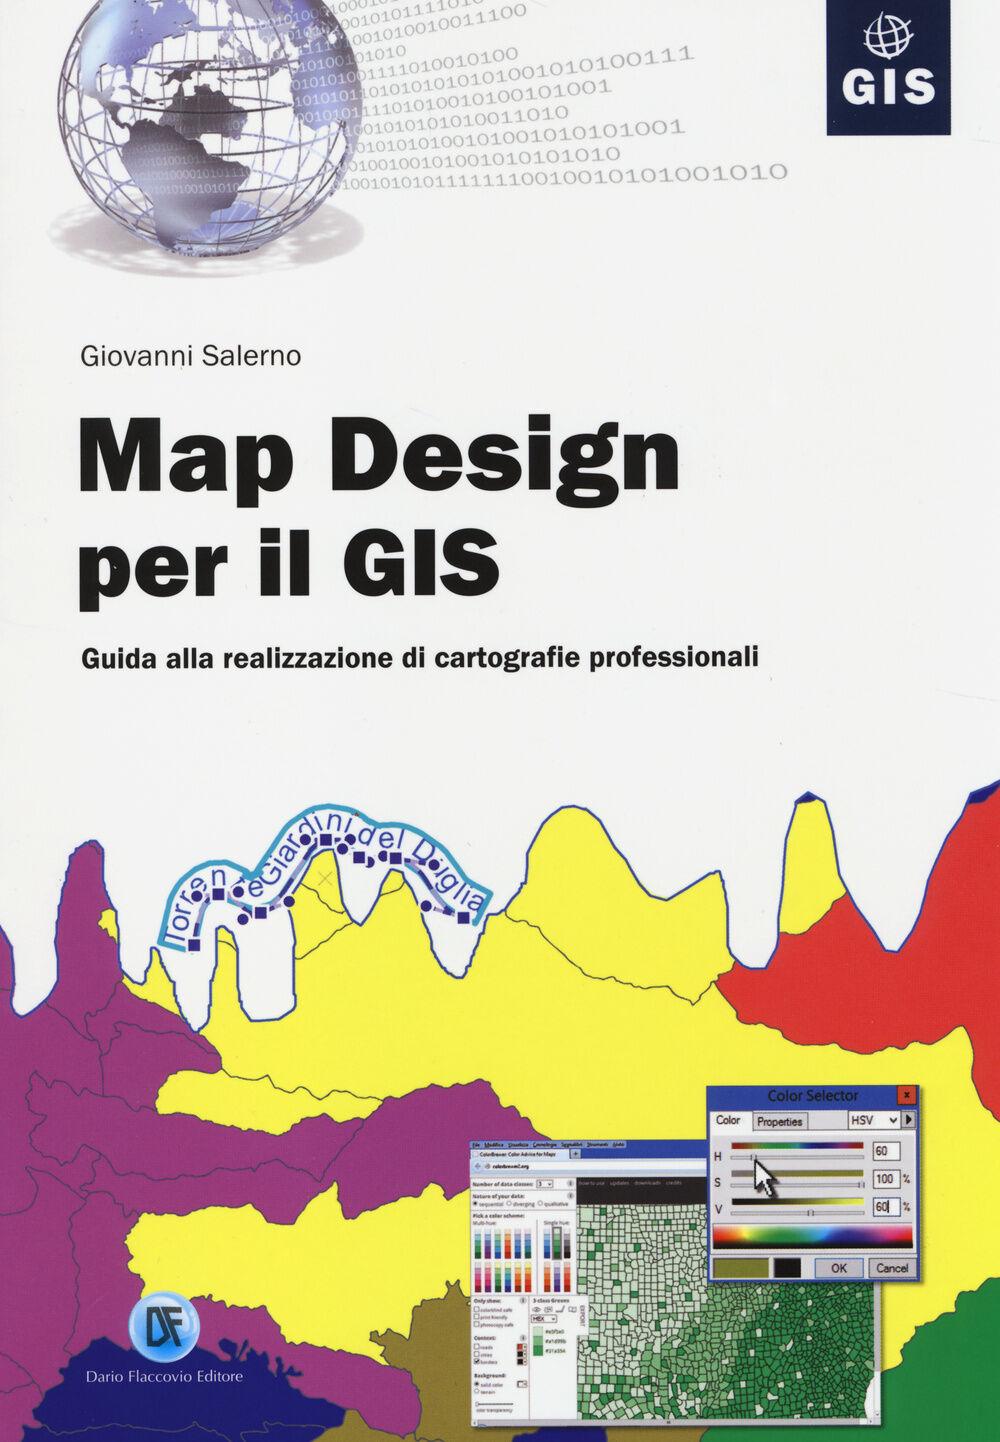 Map design per il GIS. Guida alla realizzazione di cartografie professionali